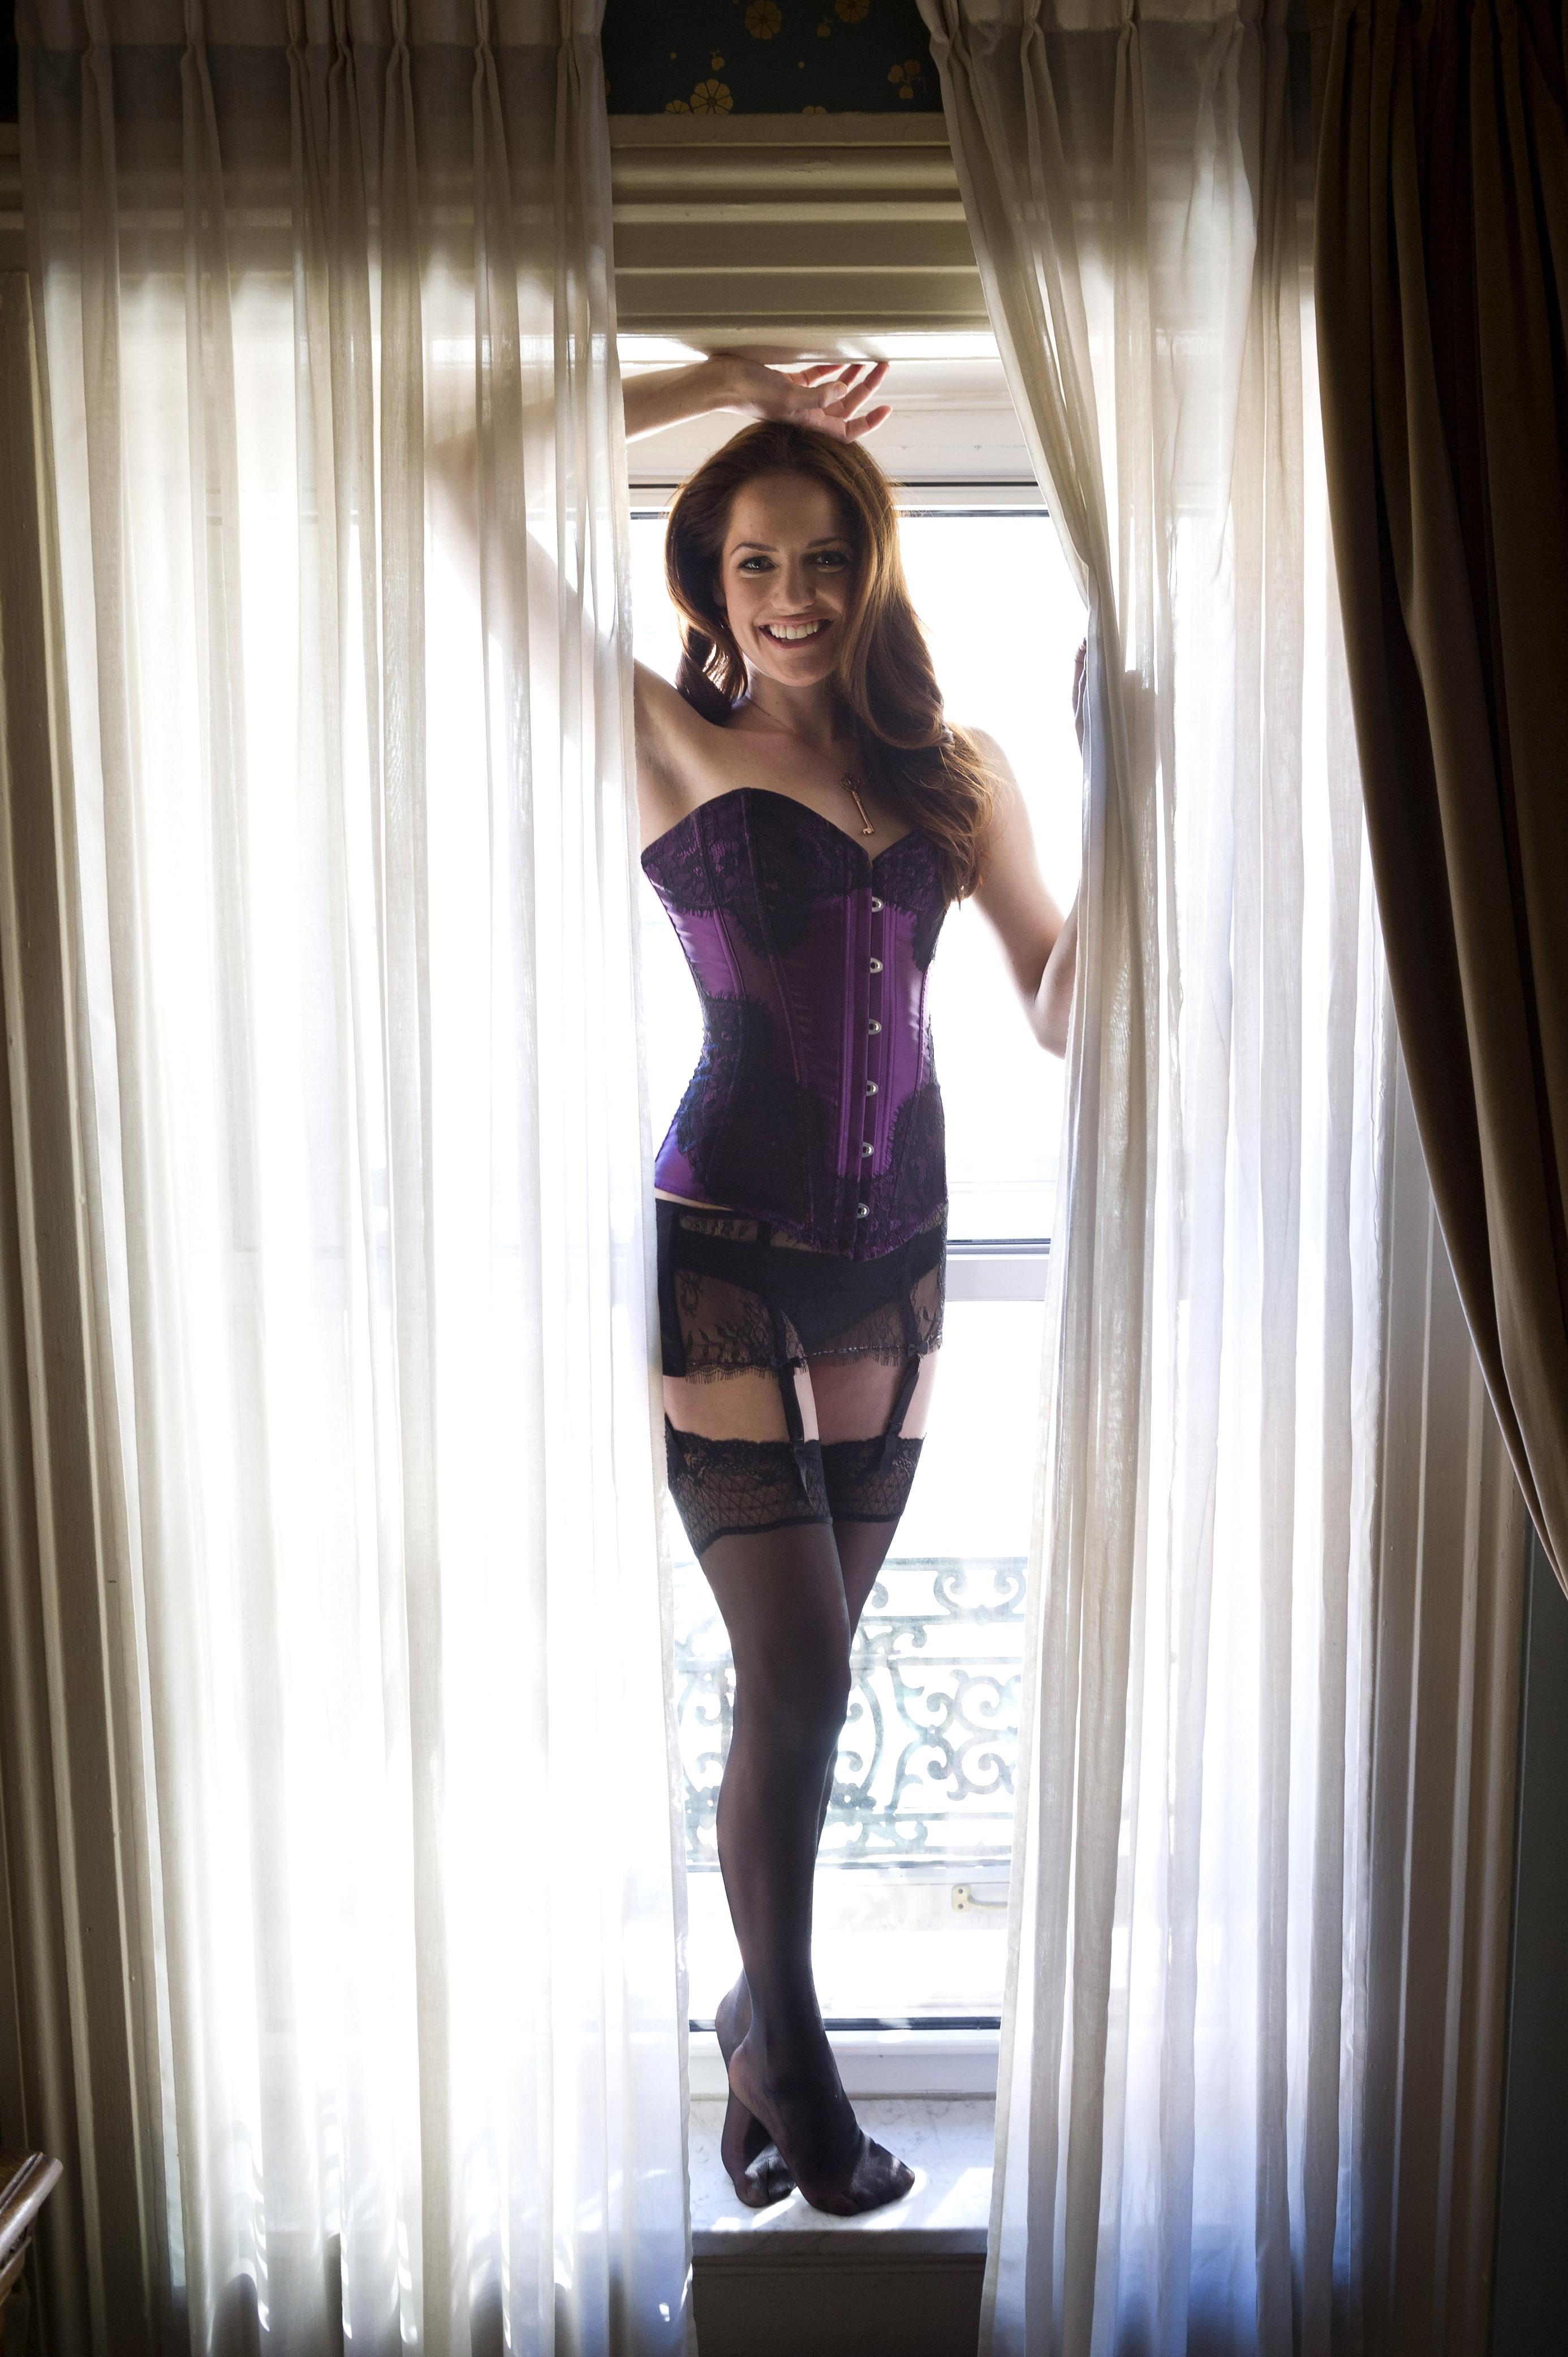 Kate Stoltz nude (88 photo) Selfie, iCloud, legs